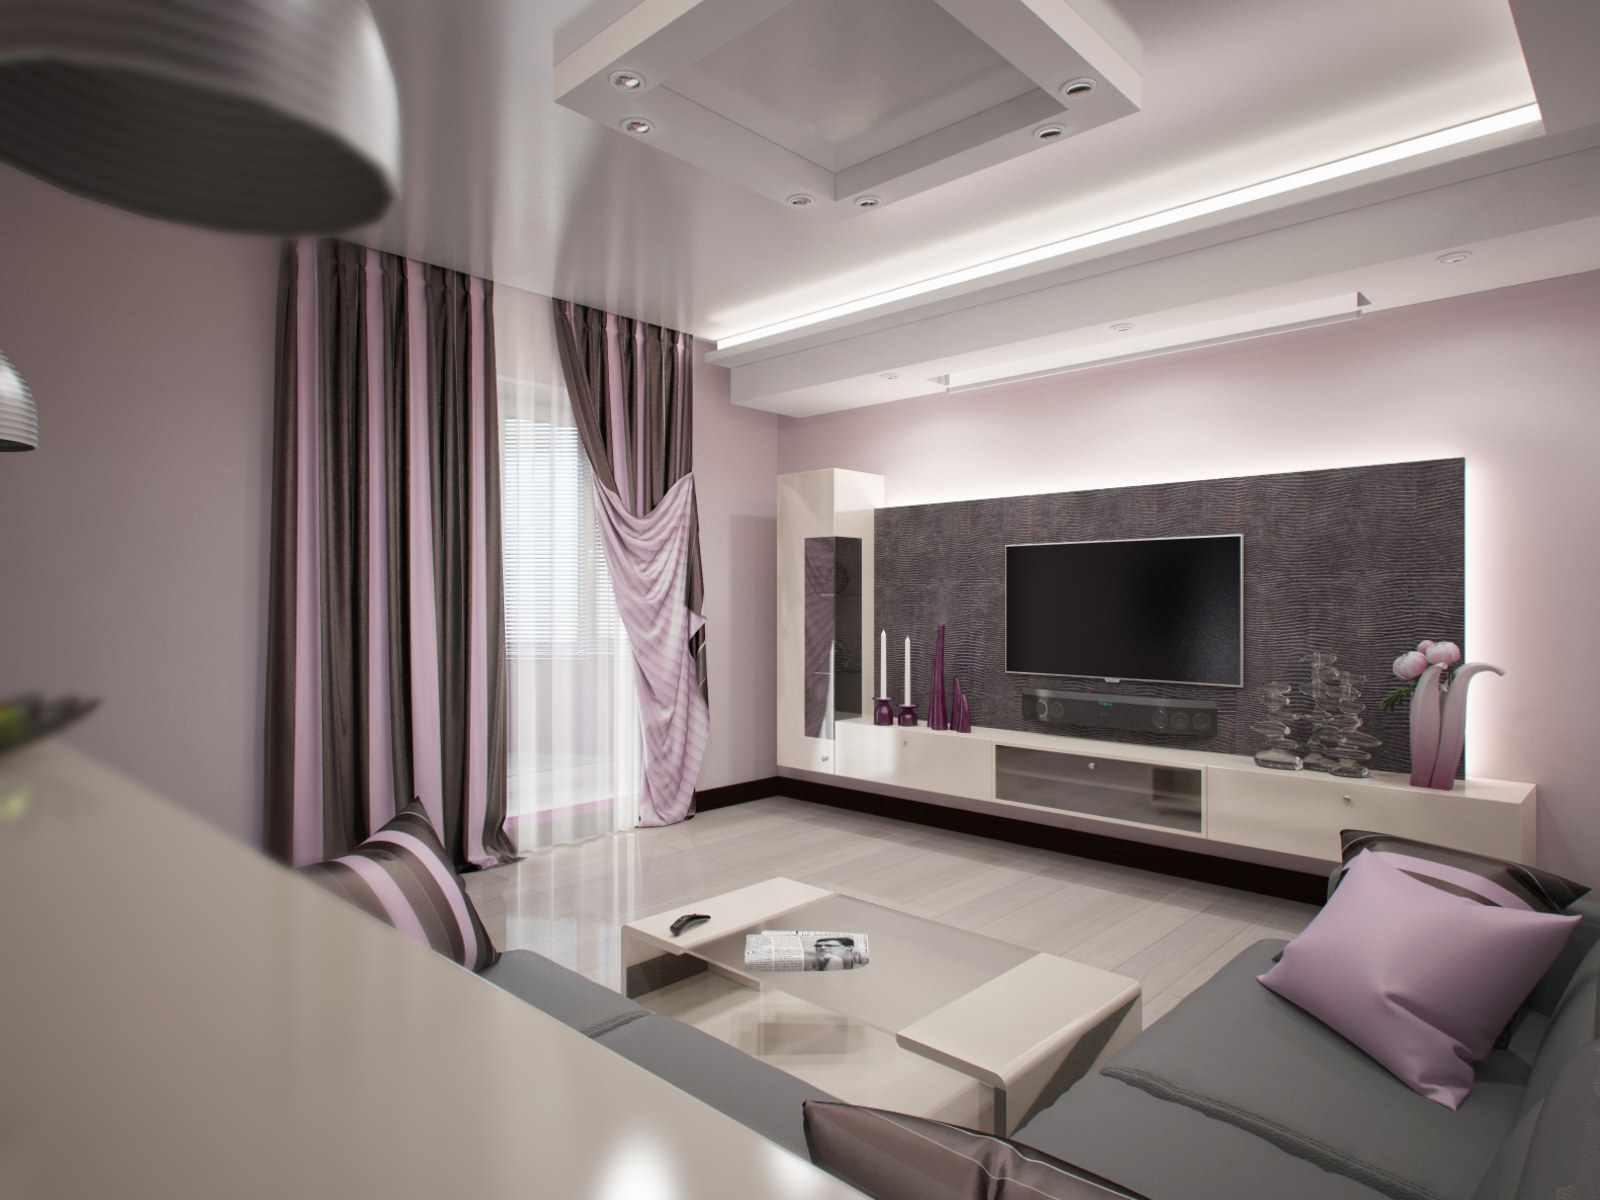 l'idée d'un salon lumineux de 17 m²